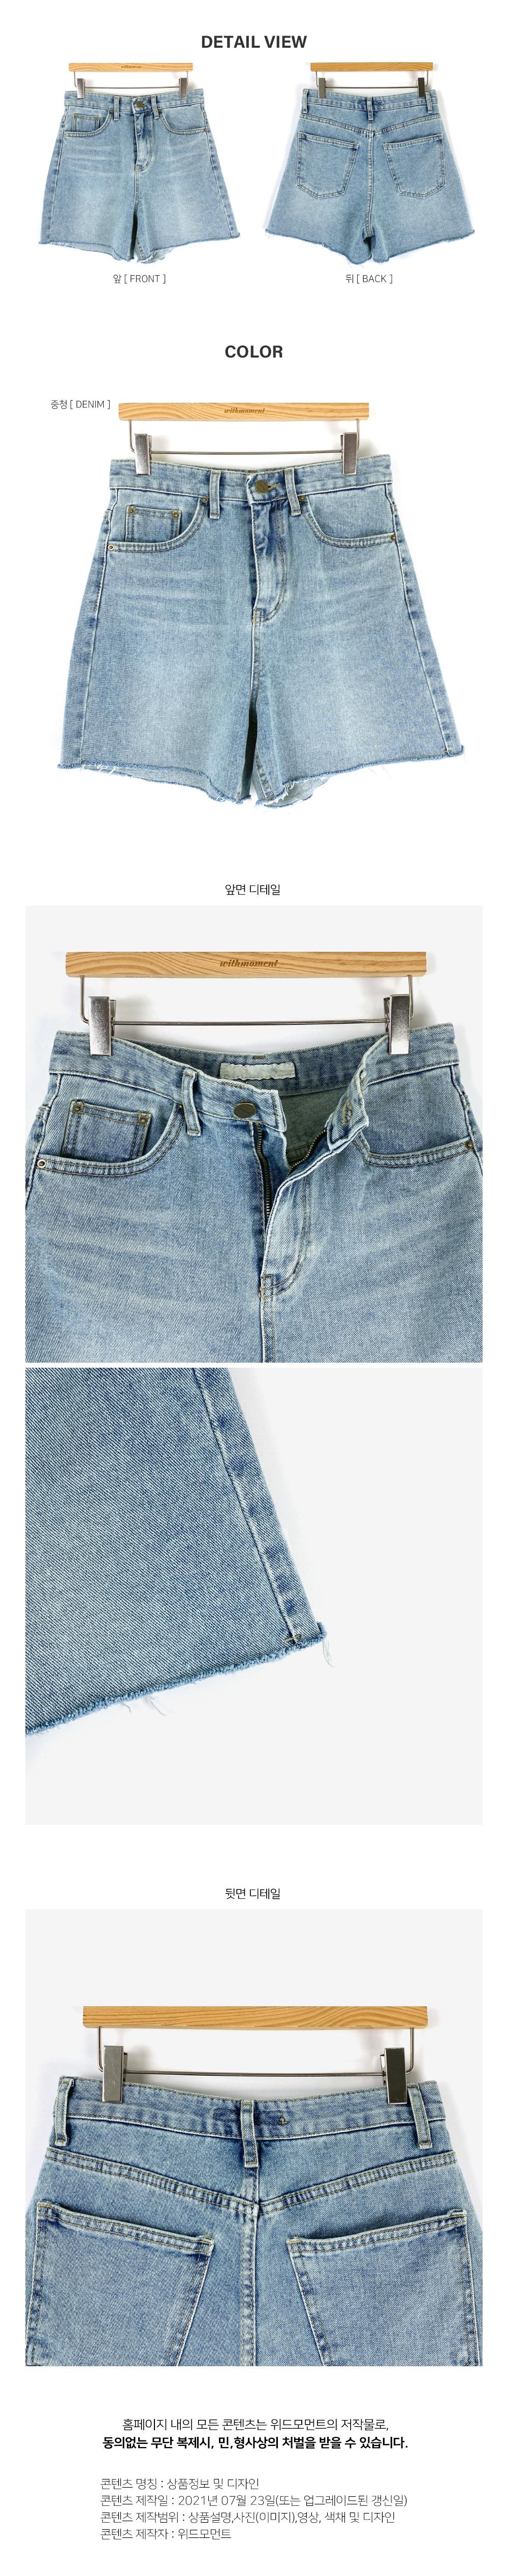 99 3-Part Cut Denim Pants